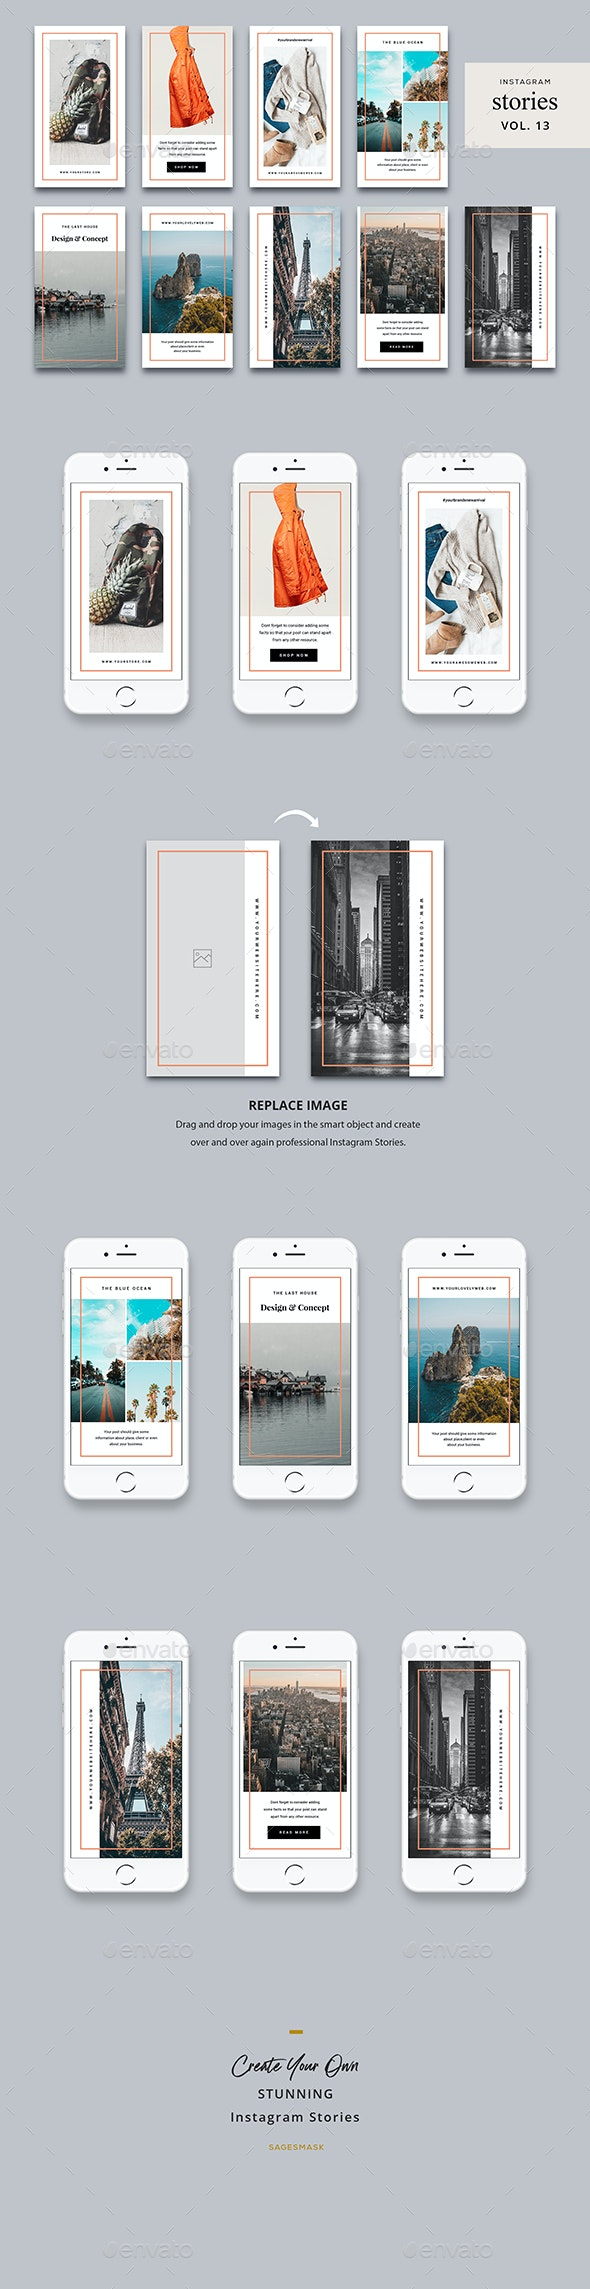 Instagram Stories Vol. 13 - Social Media Web Elements